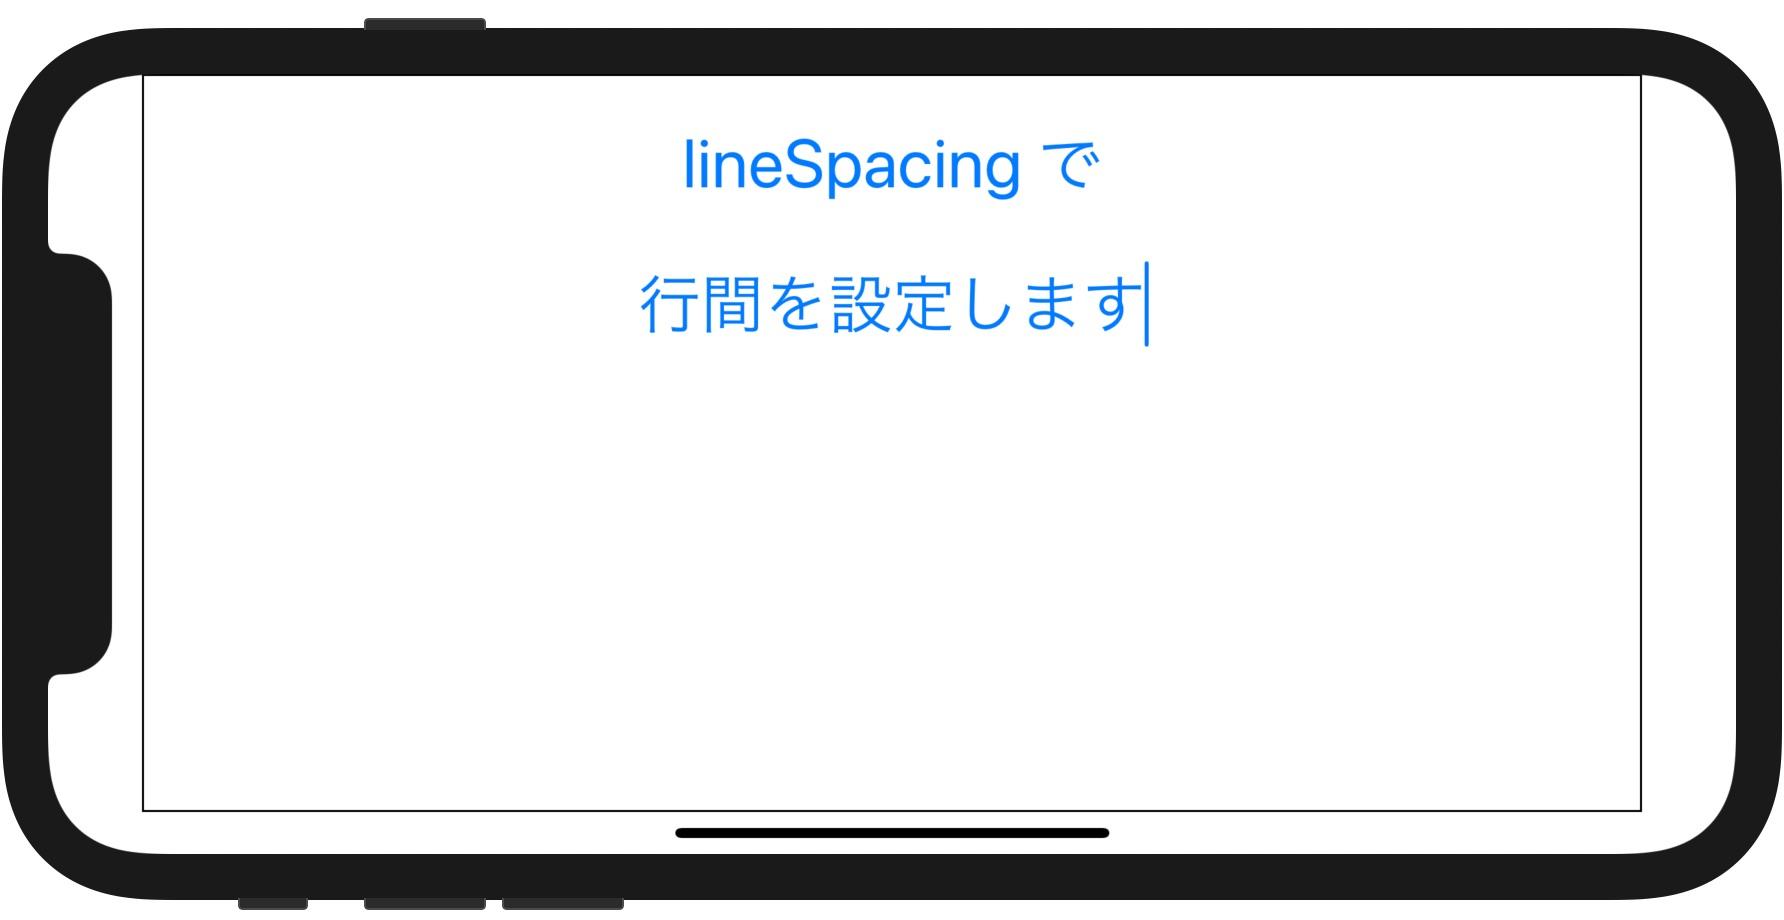 TextEditor で行間のスペースを設定する例